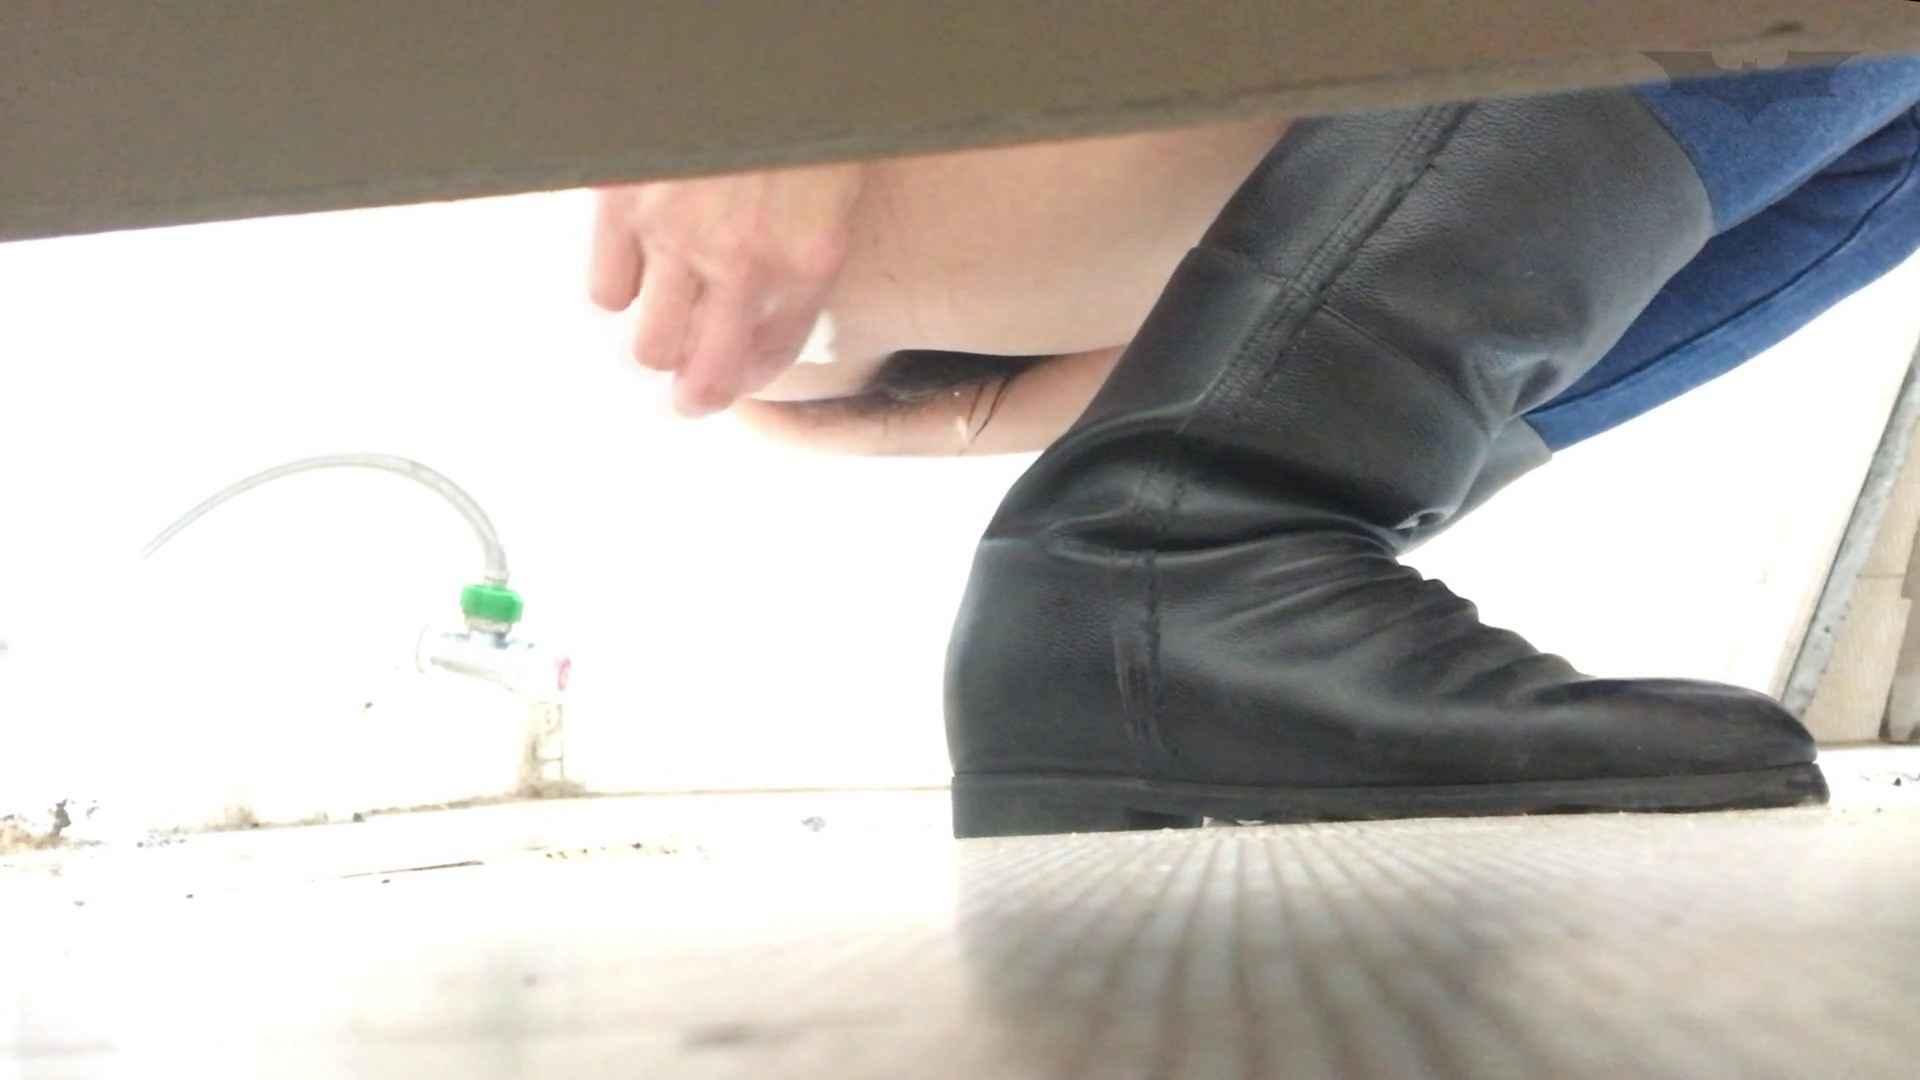 芸術大学ガチ潜入盗撮 JD盗撮 美女の洗面所の秘密 Vol.108 高画質  83PIX 59